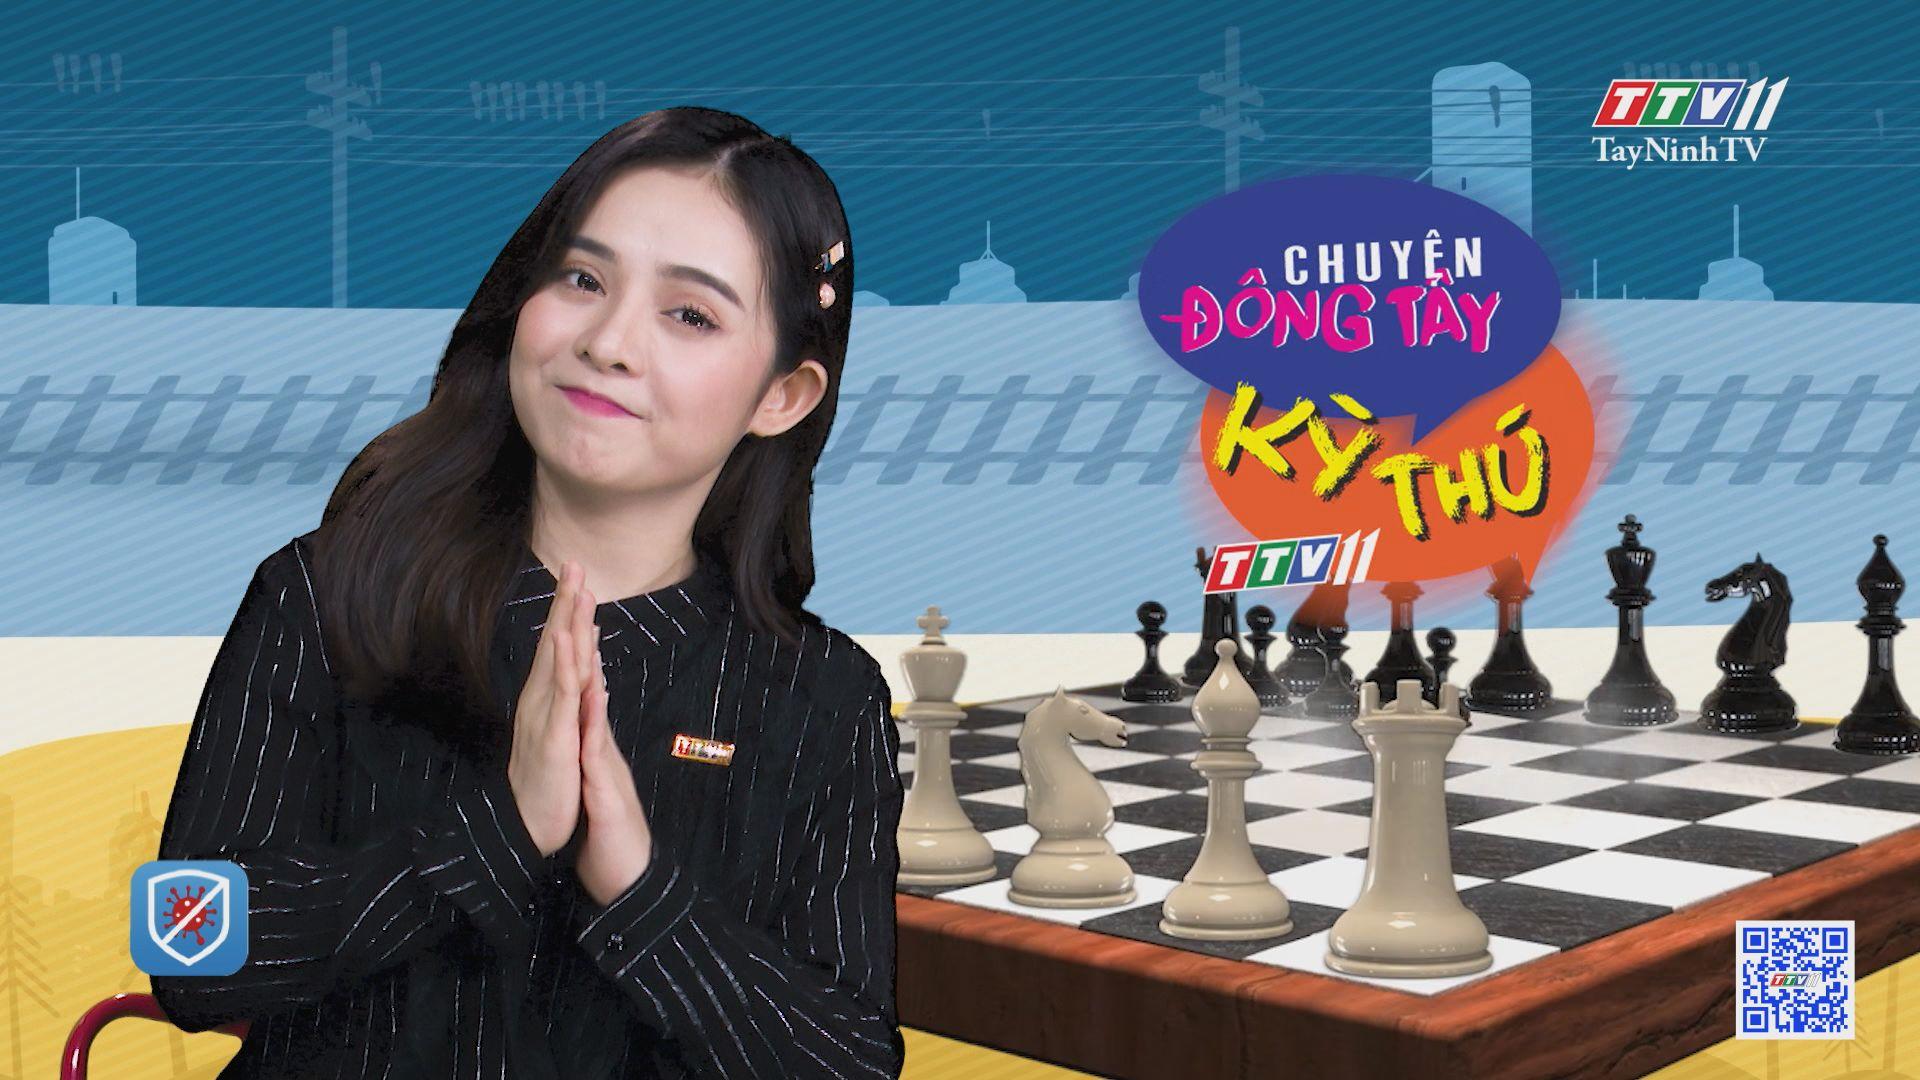 Cụ bà U90 đam mê đấu nhiều ván cờ vua cùng lúc | CHUYỆN ĐỘNG TÂY KỲ THÚ | TayNinhTV